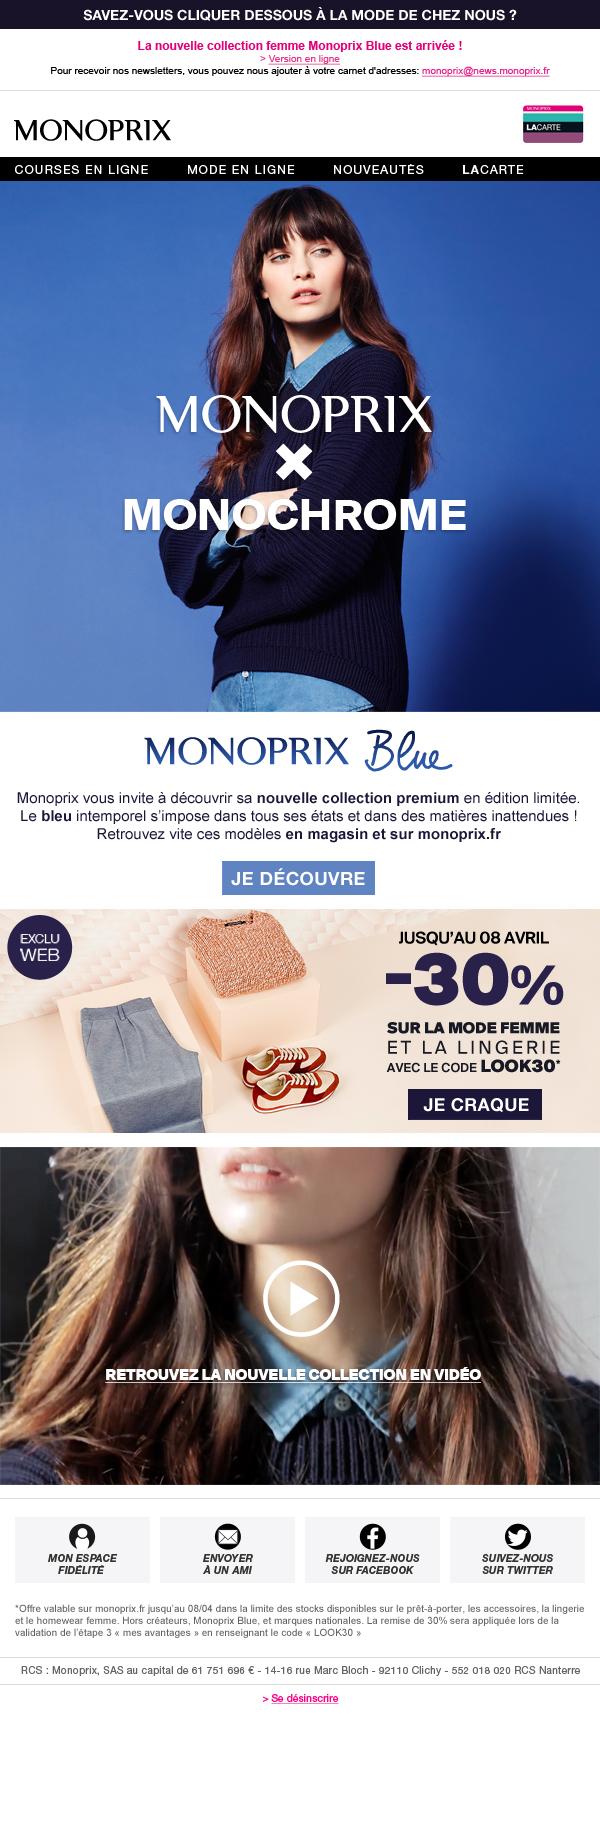 email mode Monoprix Blue femme_25032015-nad7.jpg